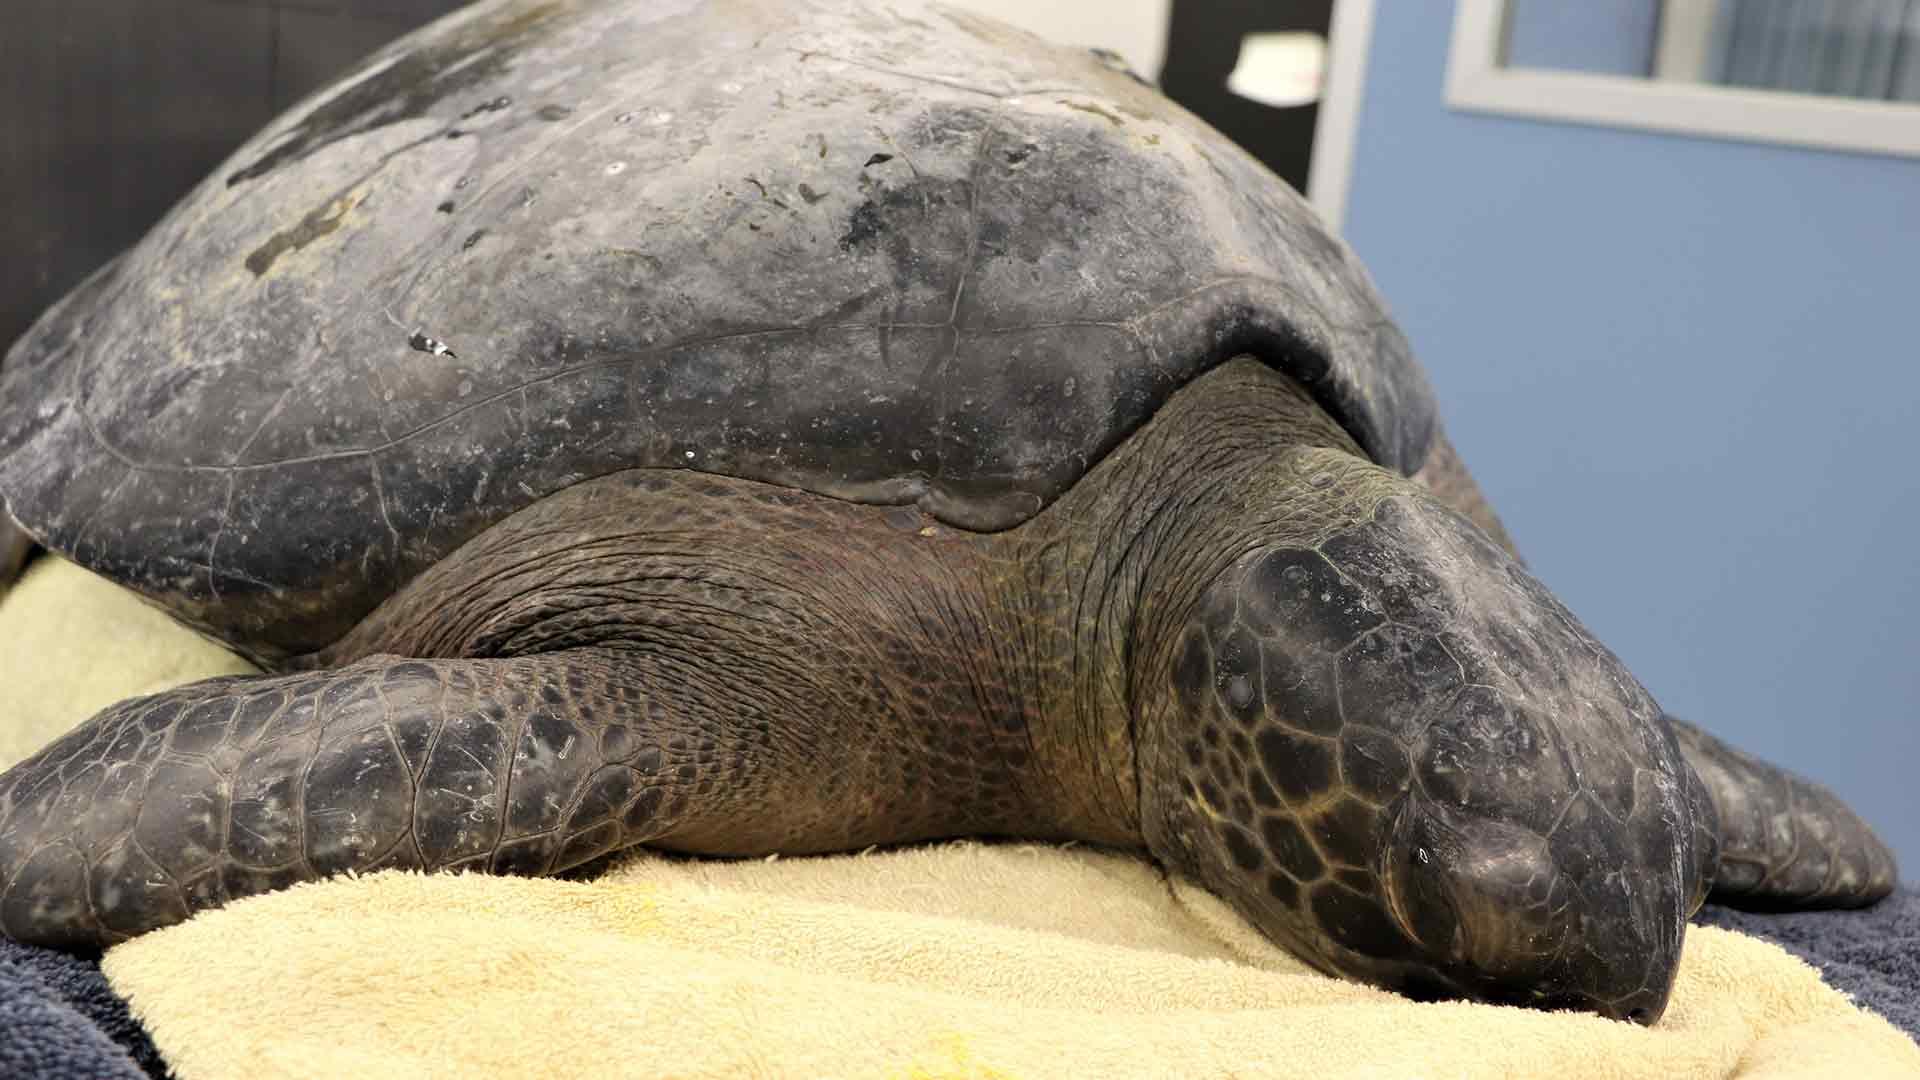 https://rfacdn.nz/zoo/assets/media/black-sea-turtle-gallery-3.jpg